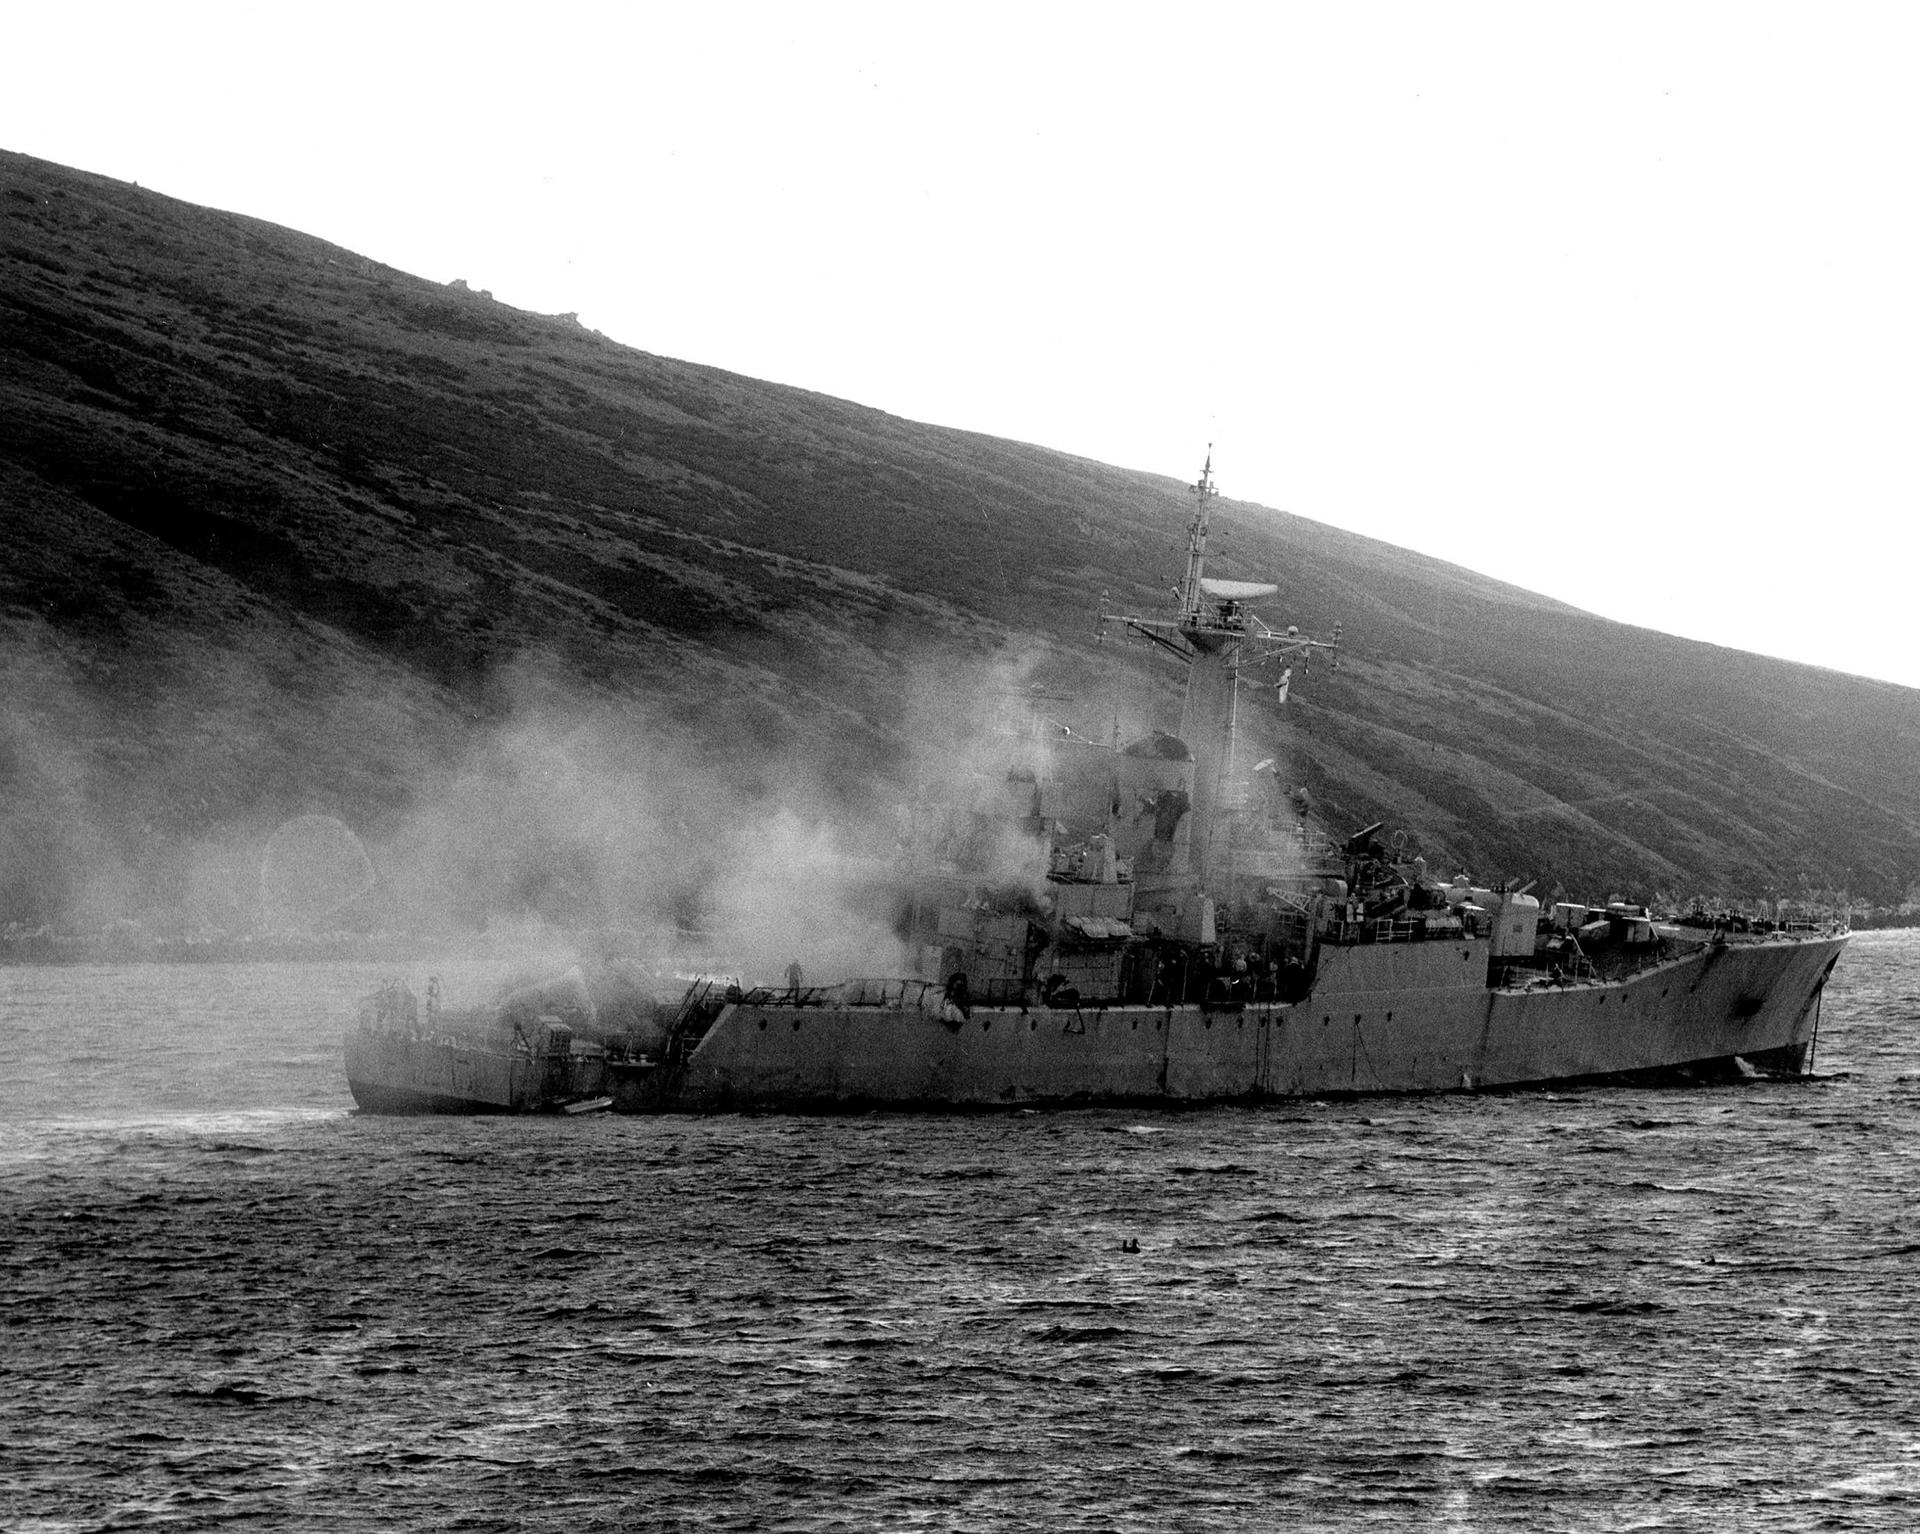 8 de junio: la fragata HMS Plymouth soportó el ataque de seis Mirage V Dagger, que lanzaron cuatro bombas de 1000 libras. El buque sufrió severos daños. Aunque todas las bombas fallaron, el ataque causó la explosión de una carga sobre su cubierta